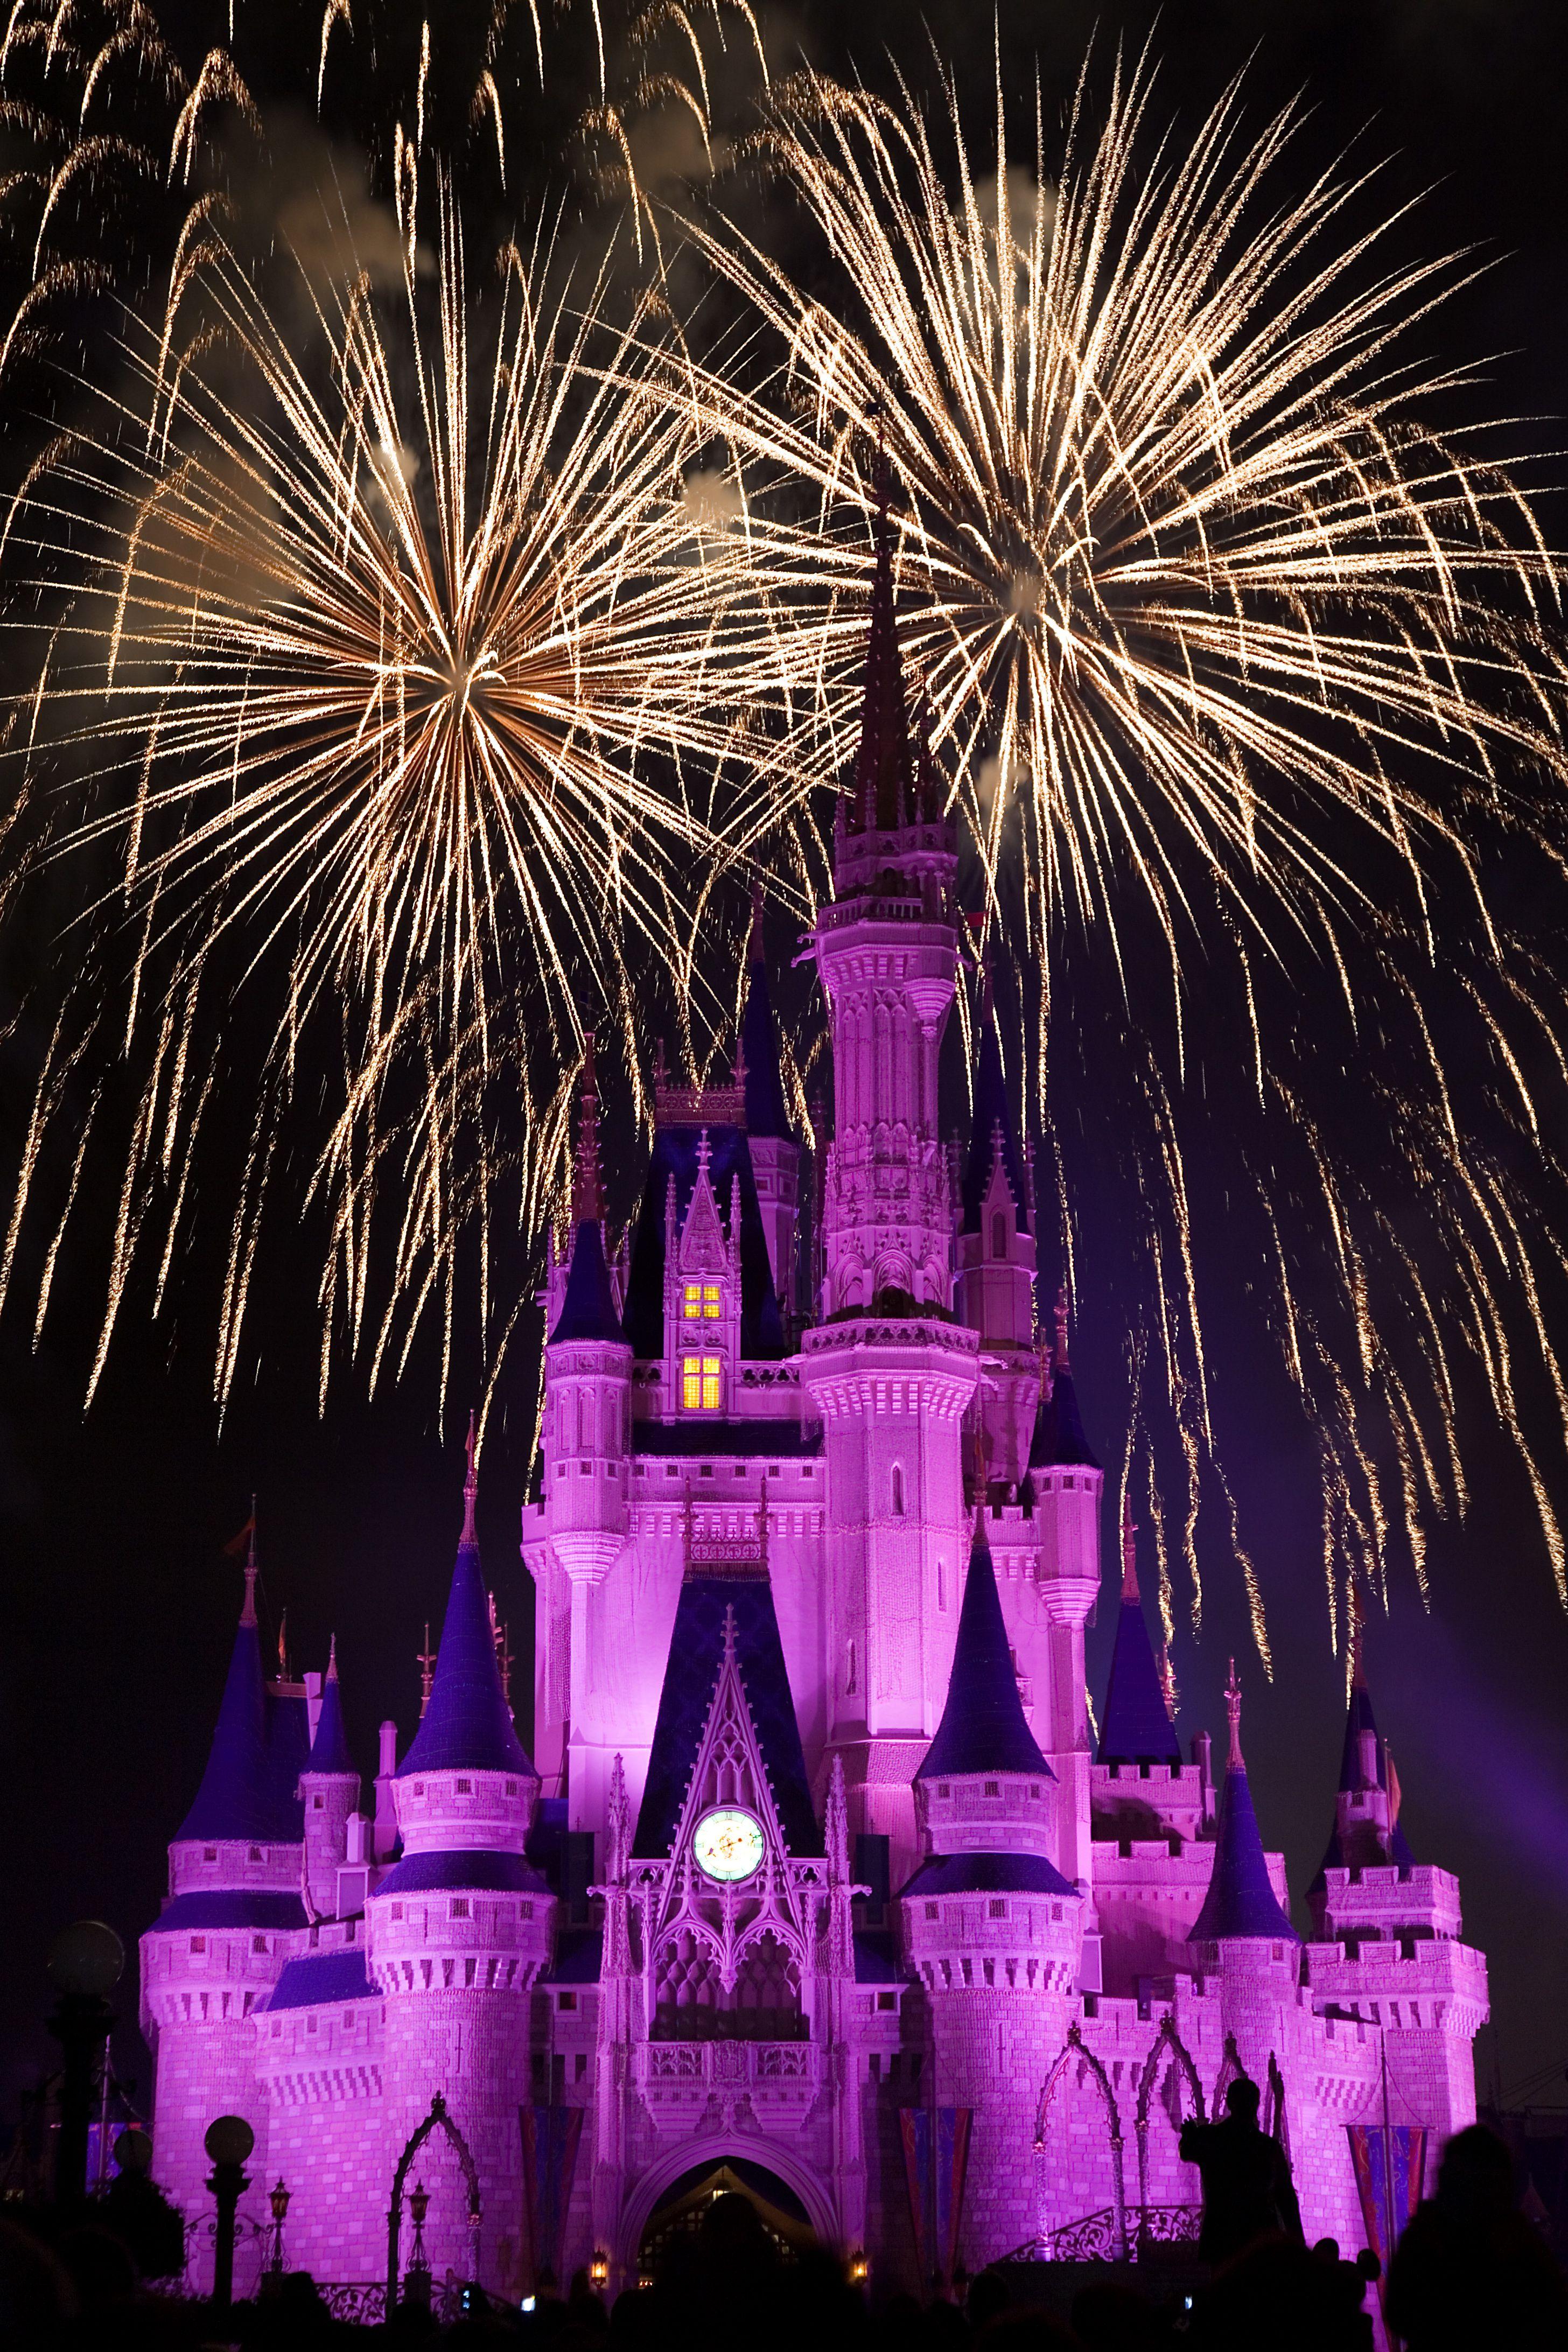 Pin By Debra Gifford On Fireworks Disney Disney World Florida